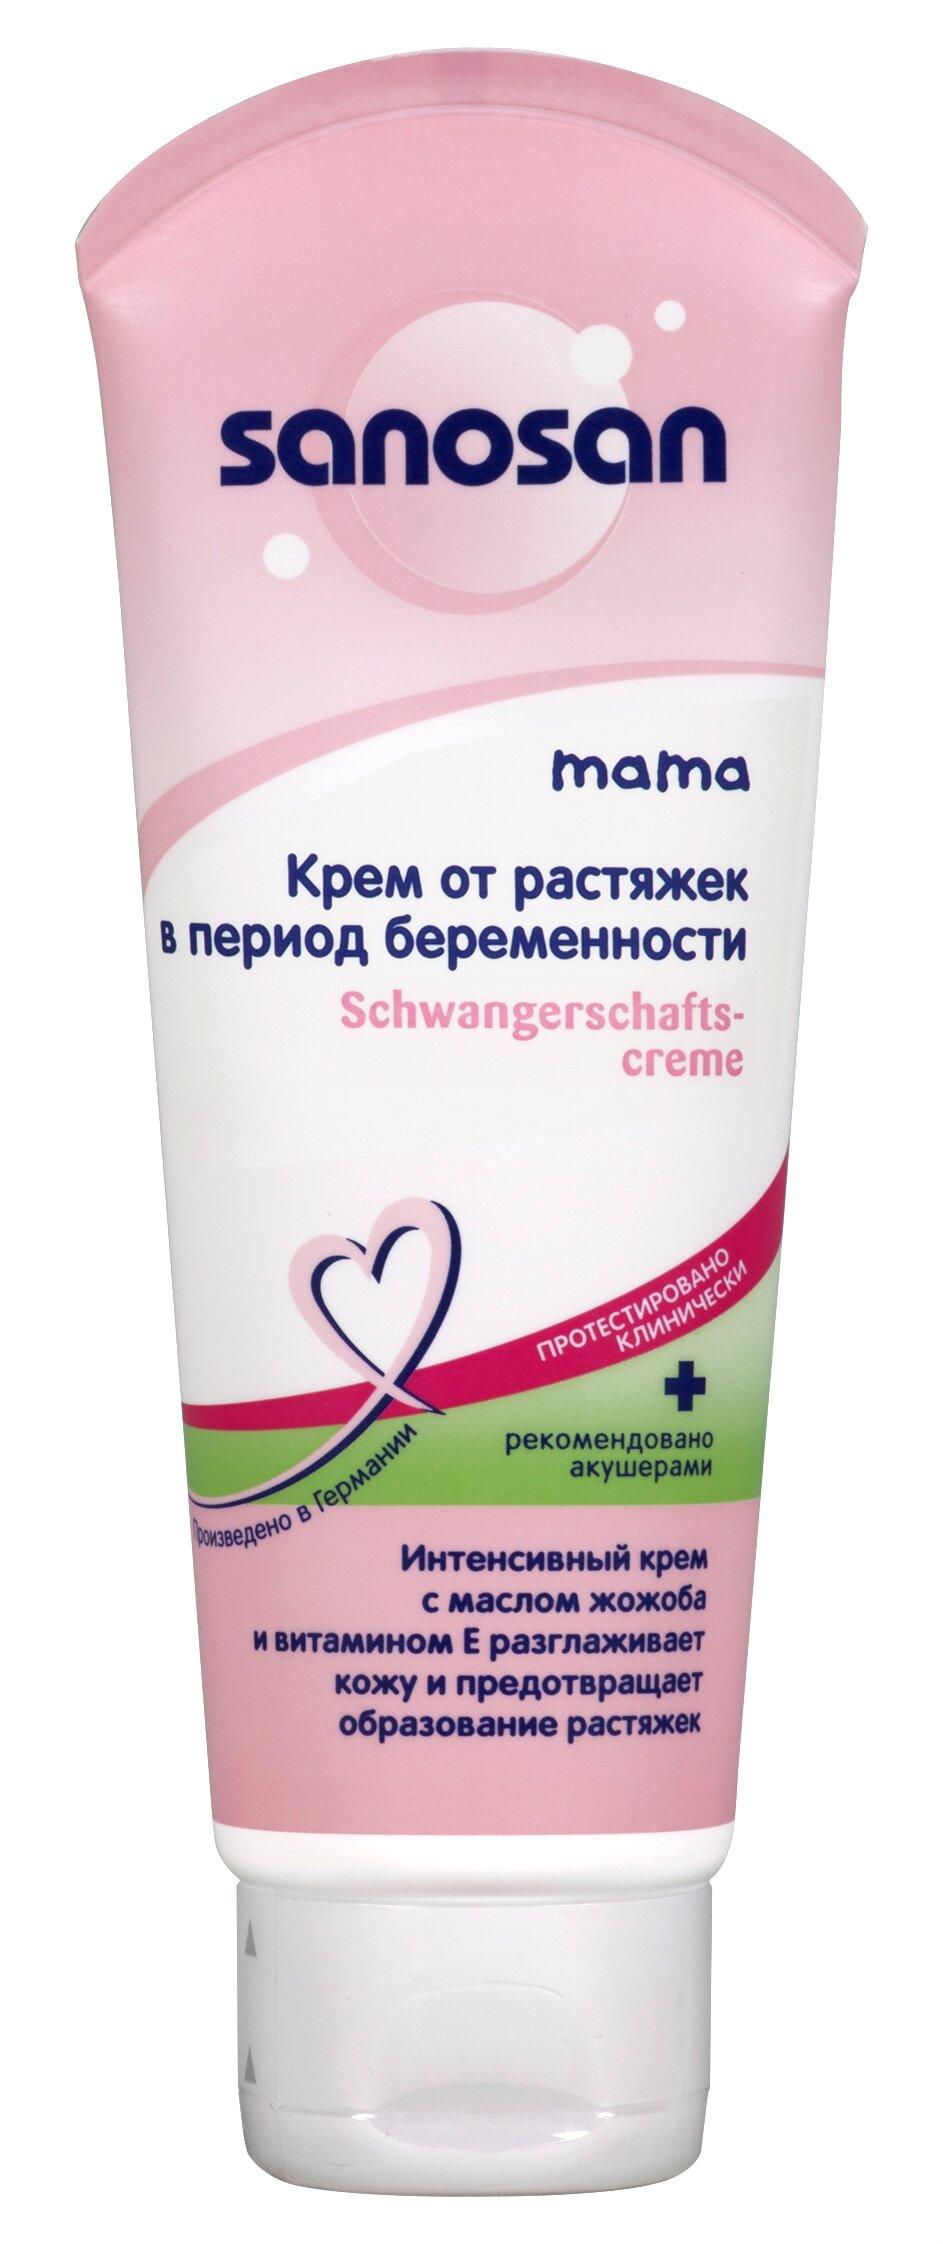 Крем от растяжек для беременных саносан цена 48